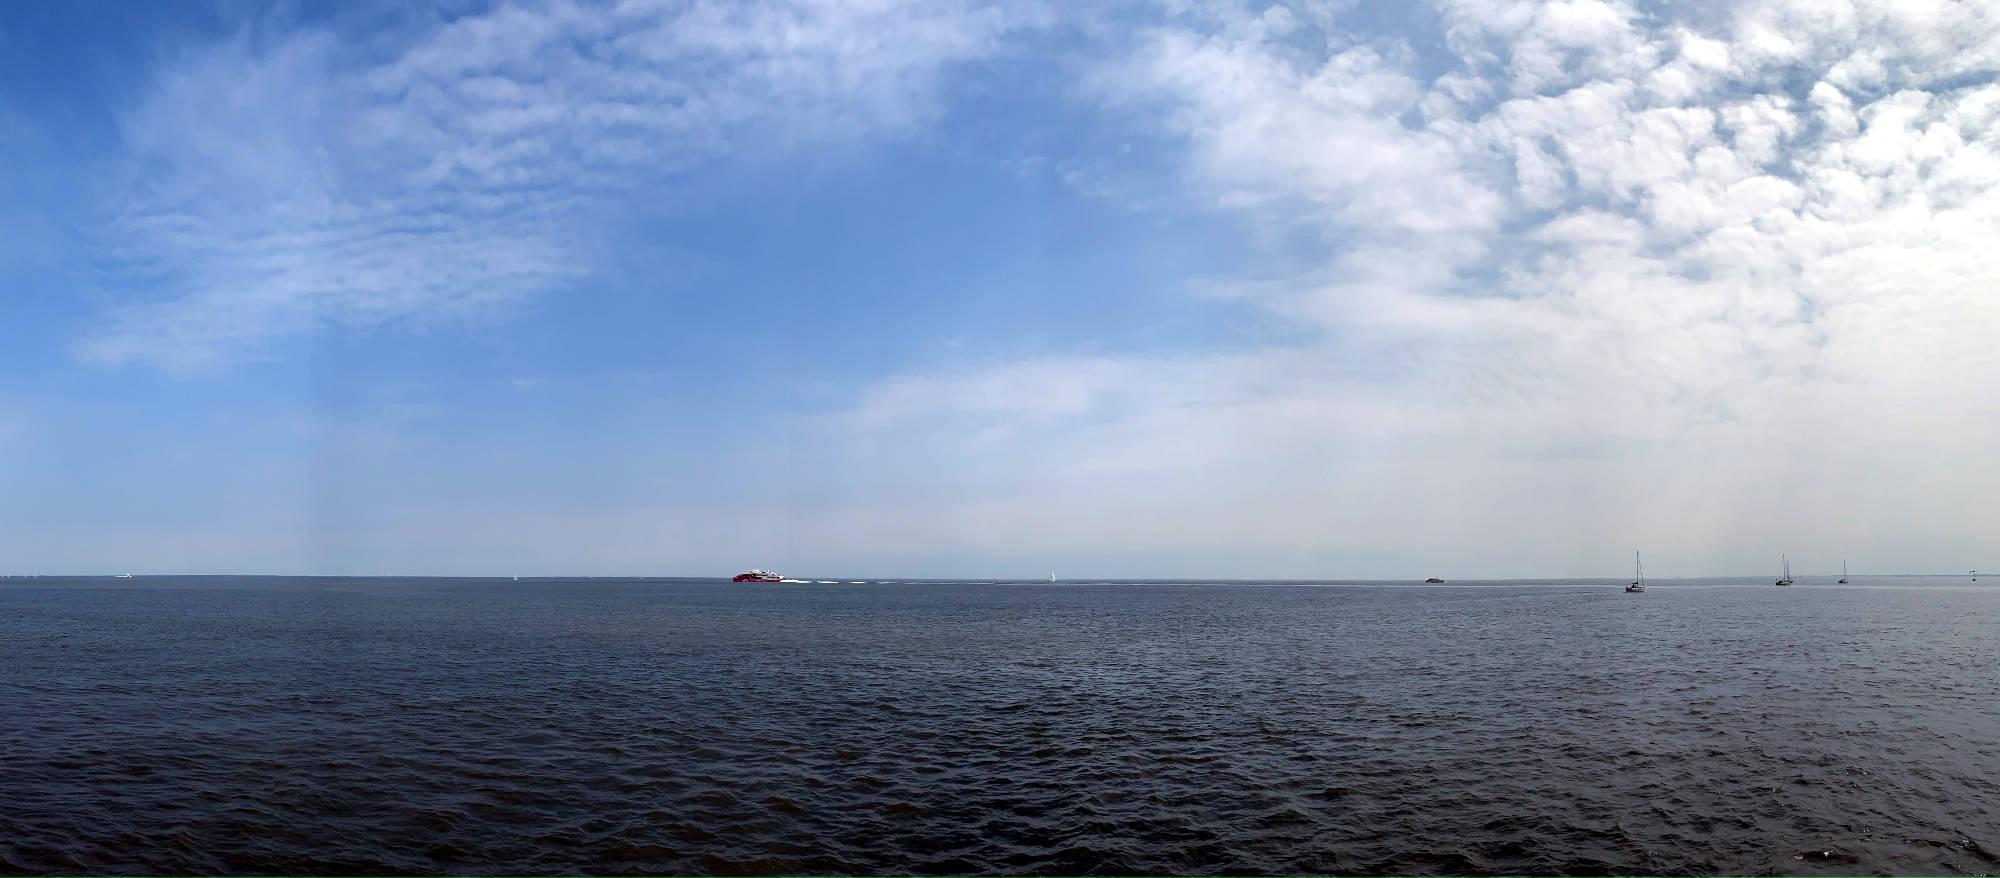 Wasser, Horizont, in der Ferne Schiffe